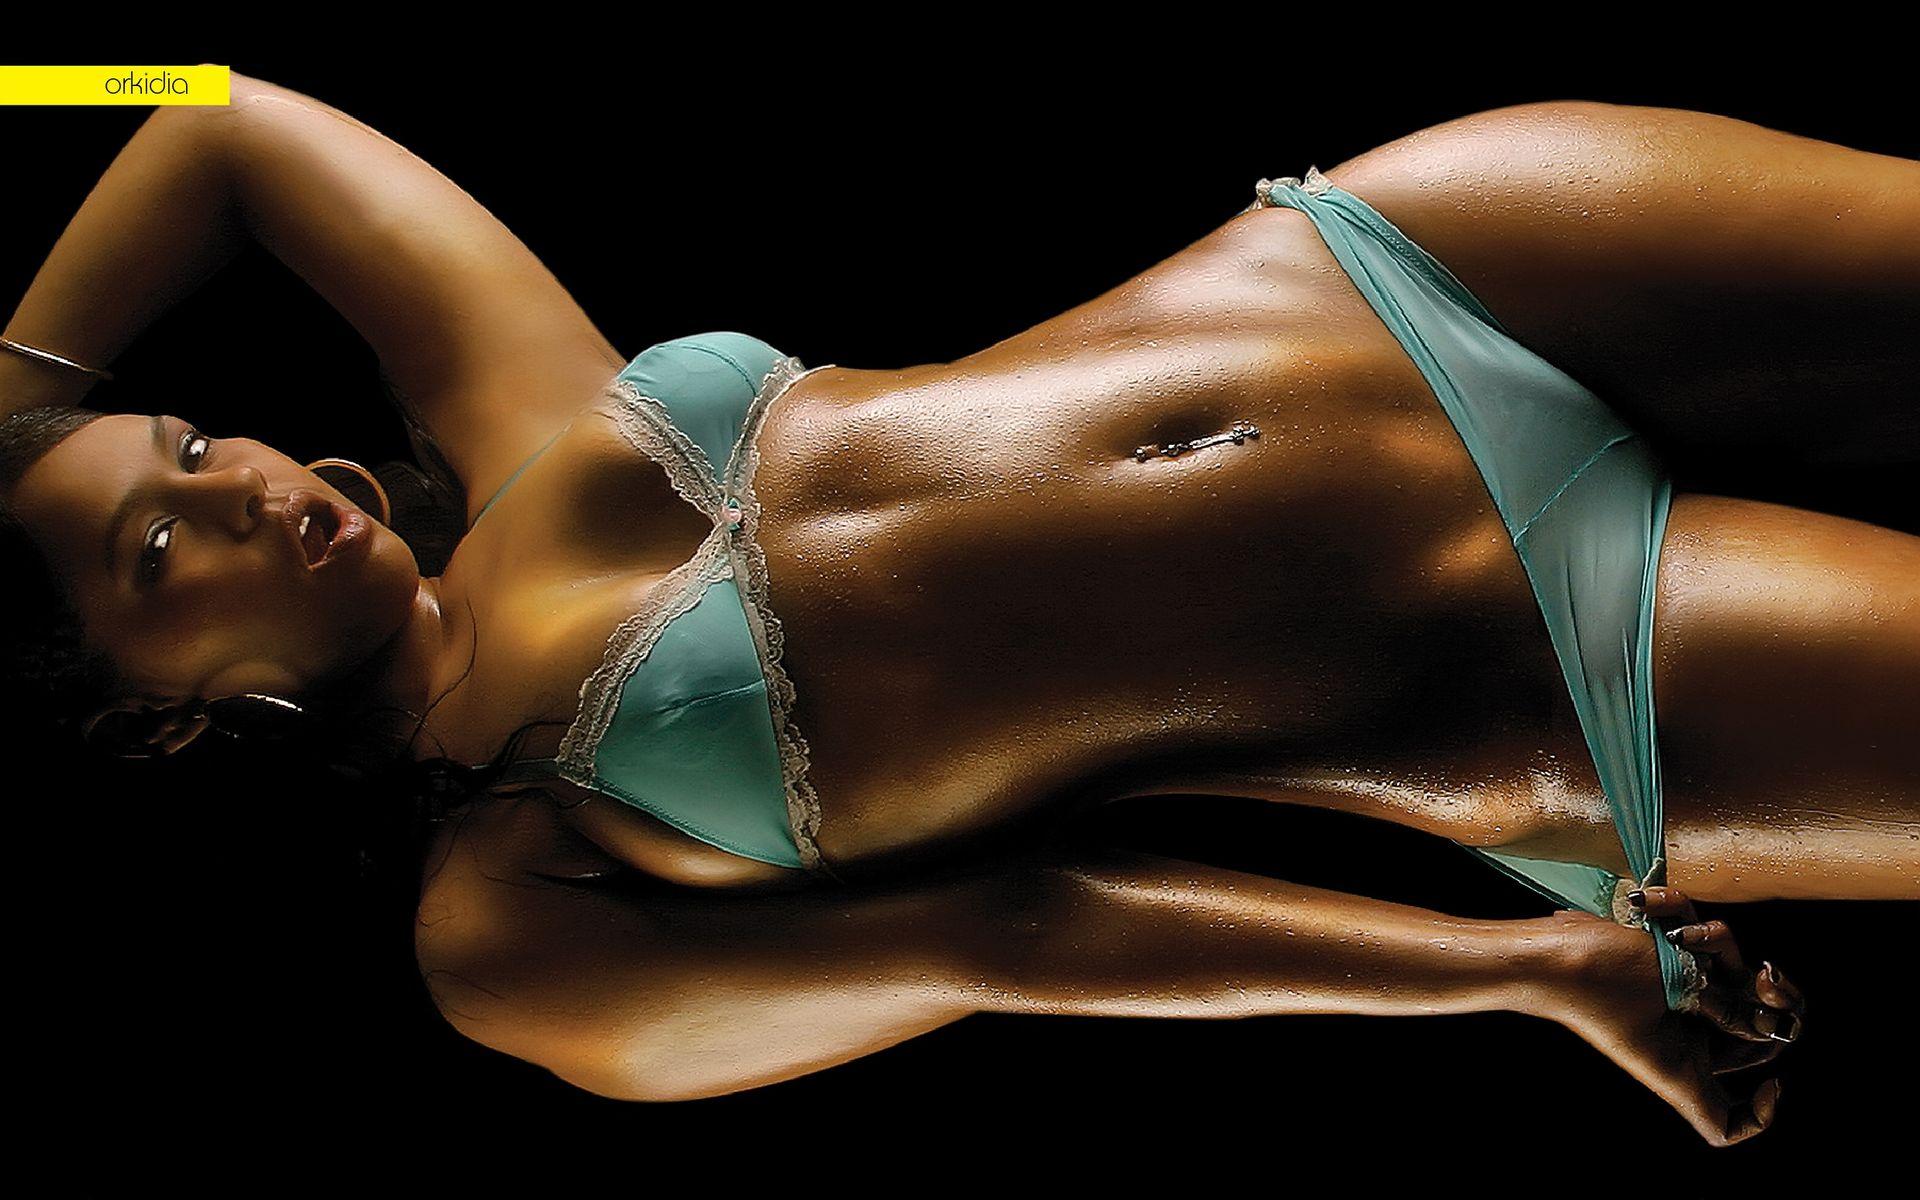 Супер тела женщин 7 фотография